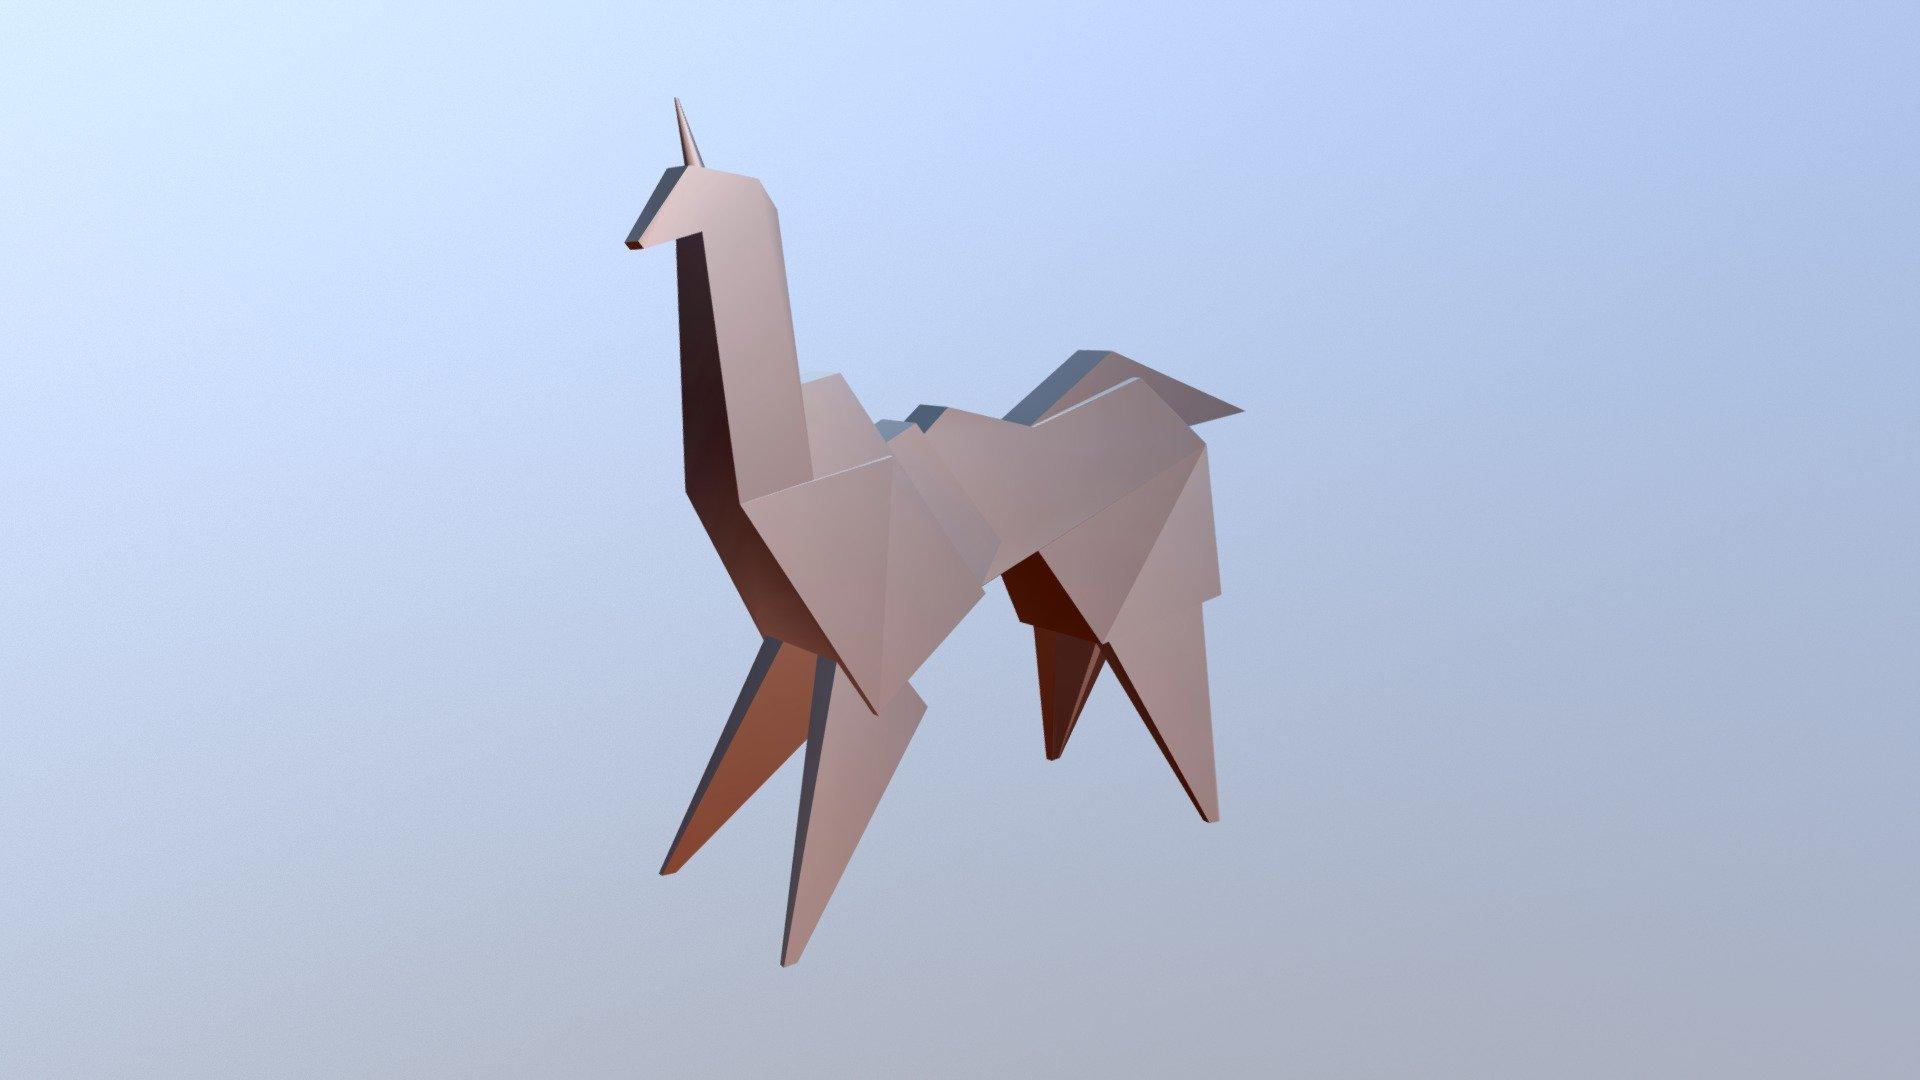 Origami Unicorn T-Shirt inspired by Blade Runner - Regular T-Shirt ...   1080x1920